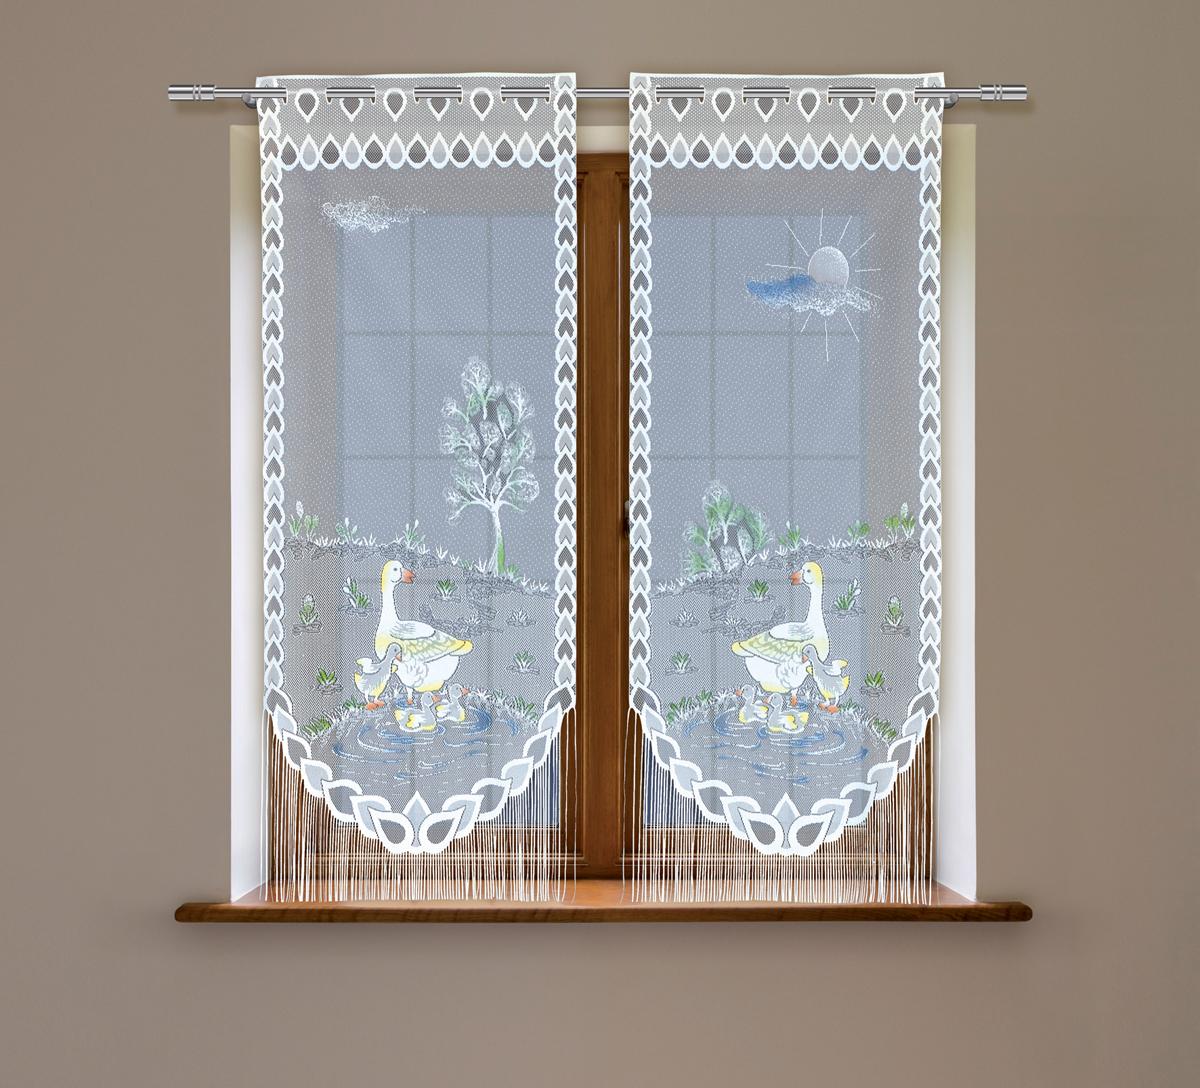 Гардина Haft, на зажимах, цвет: белый, высота 160 см, ширина 60 см, 2 шт